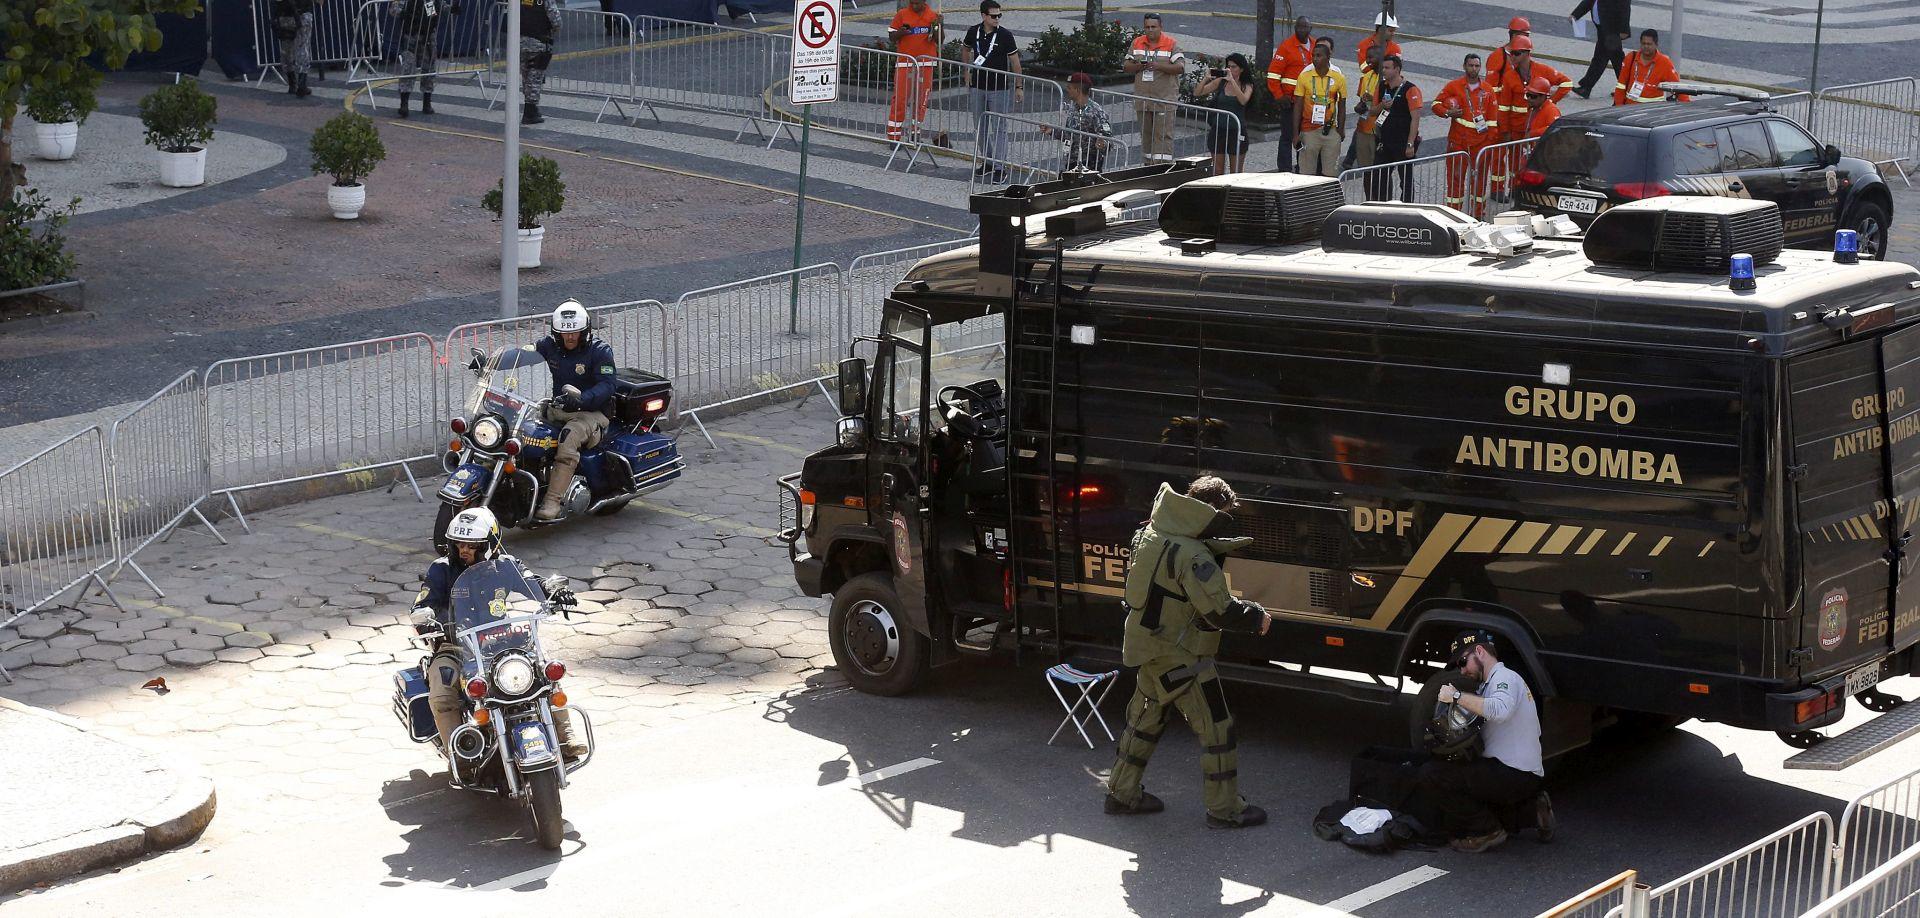 SUMNJIVI PAKET: Provedena kontrolirana eksplozija u blizini biciklističke staze na OI